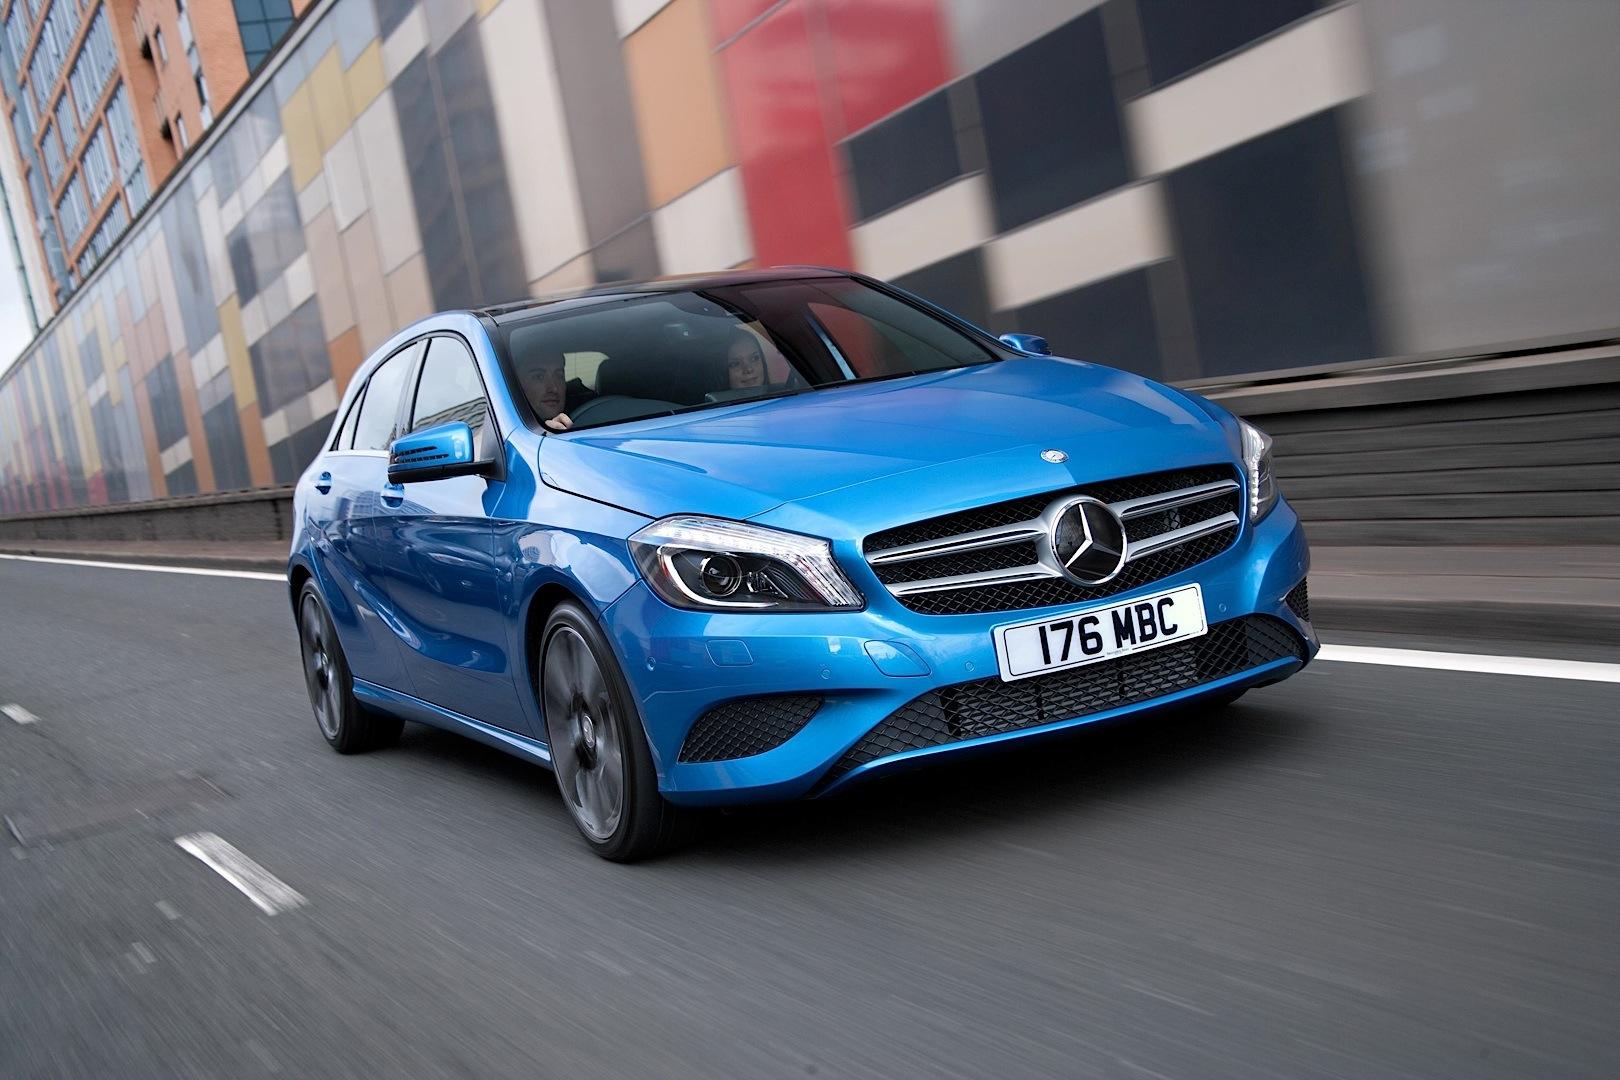 Mercedes Benz Uk Posts Impressive Model Registrations